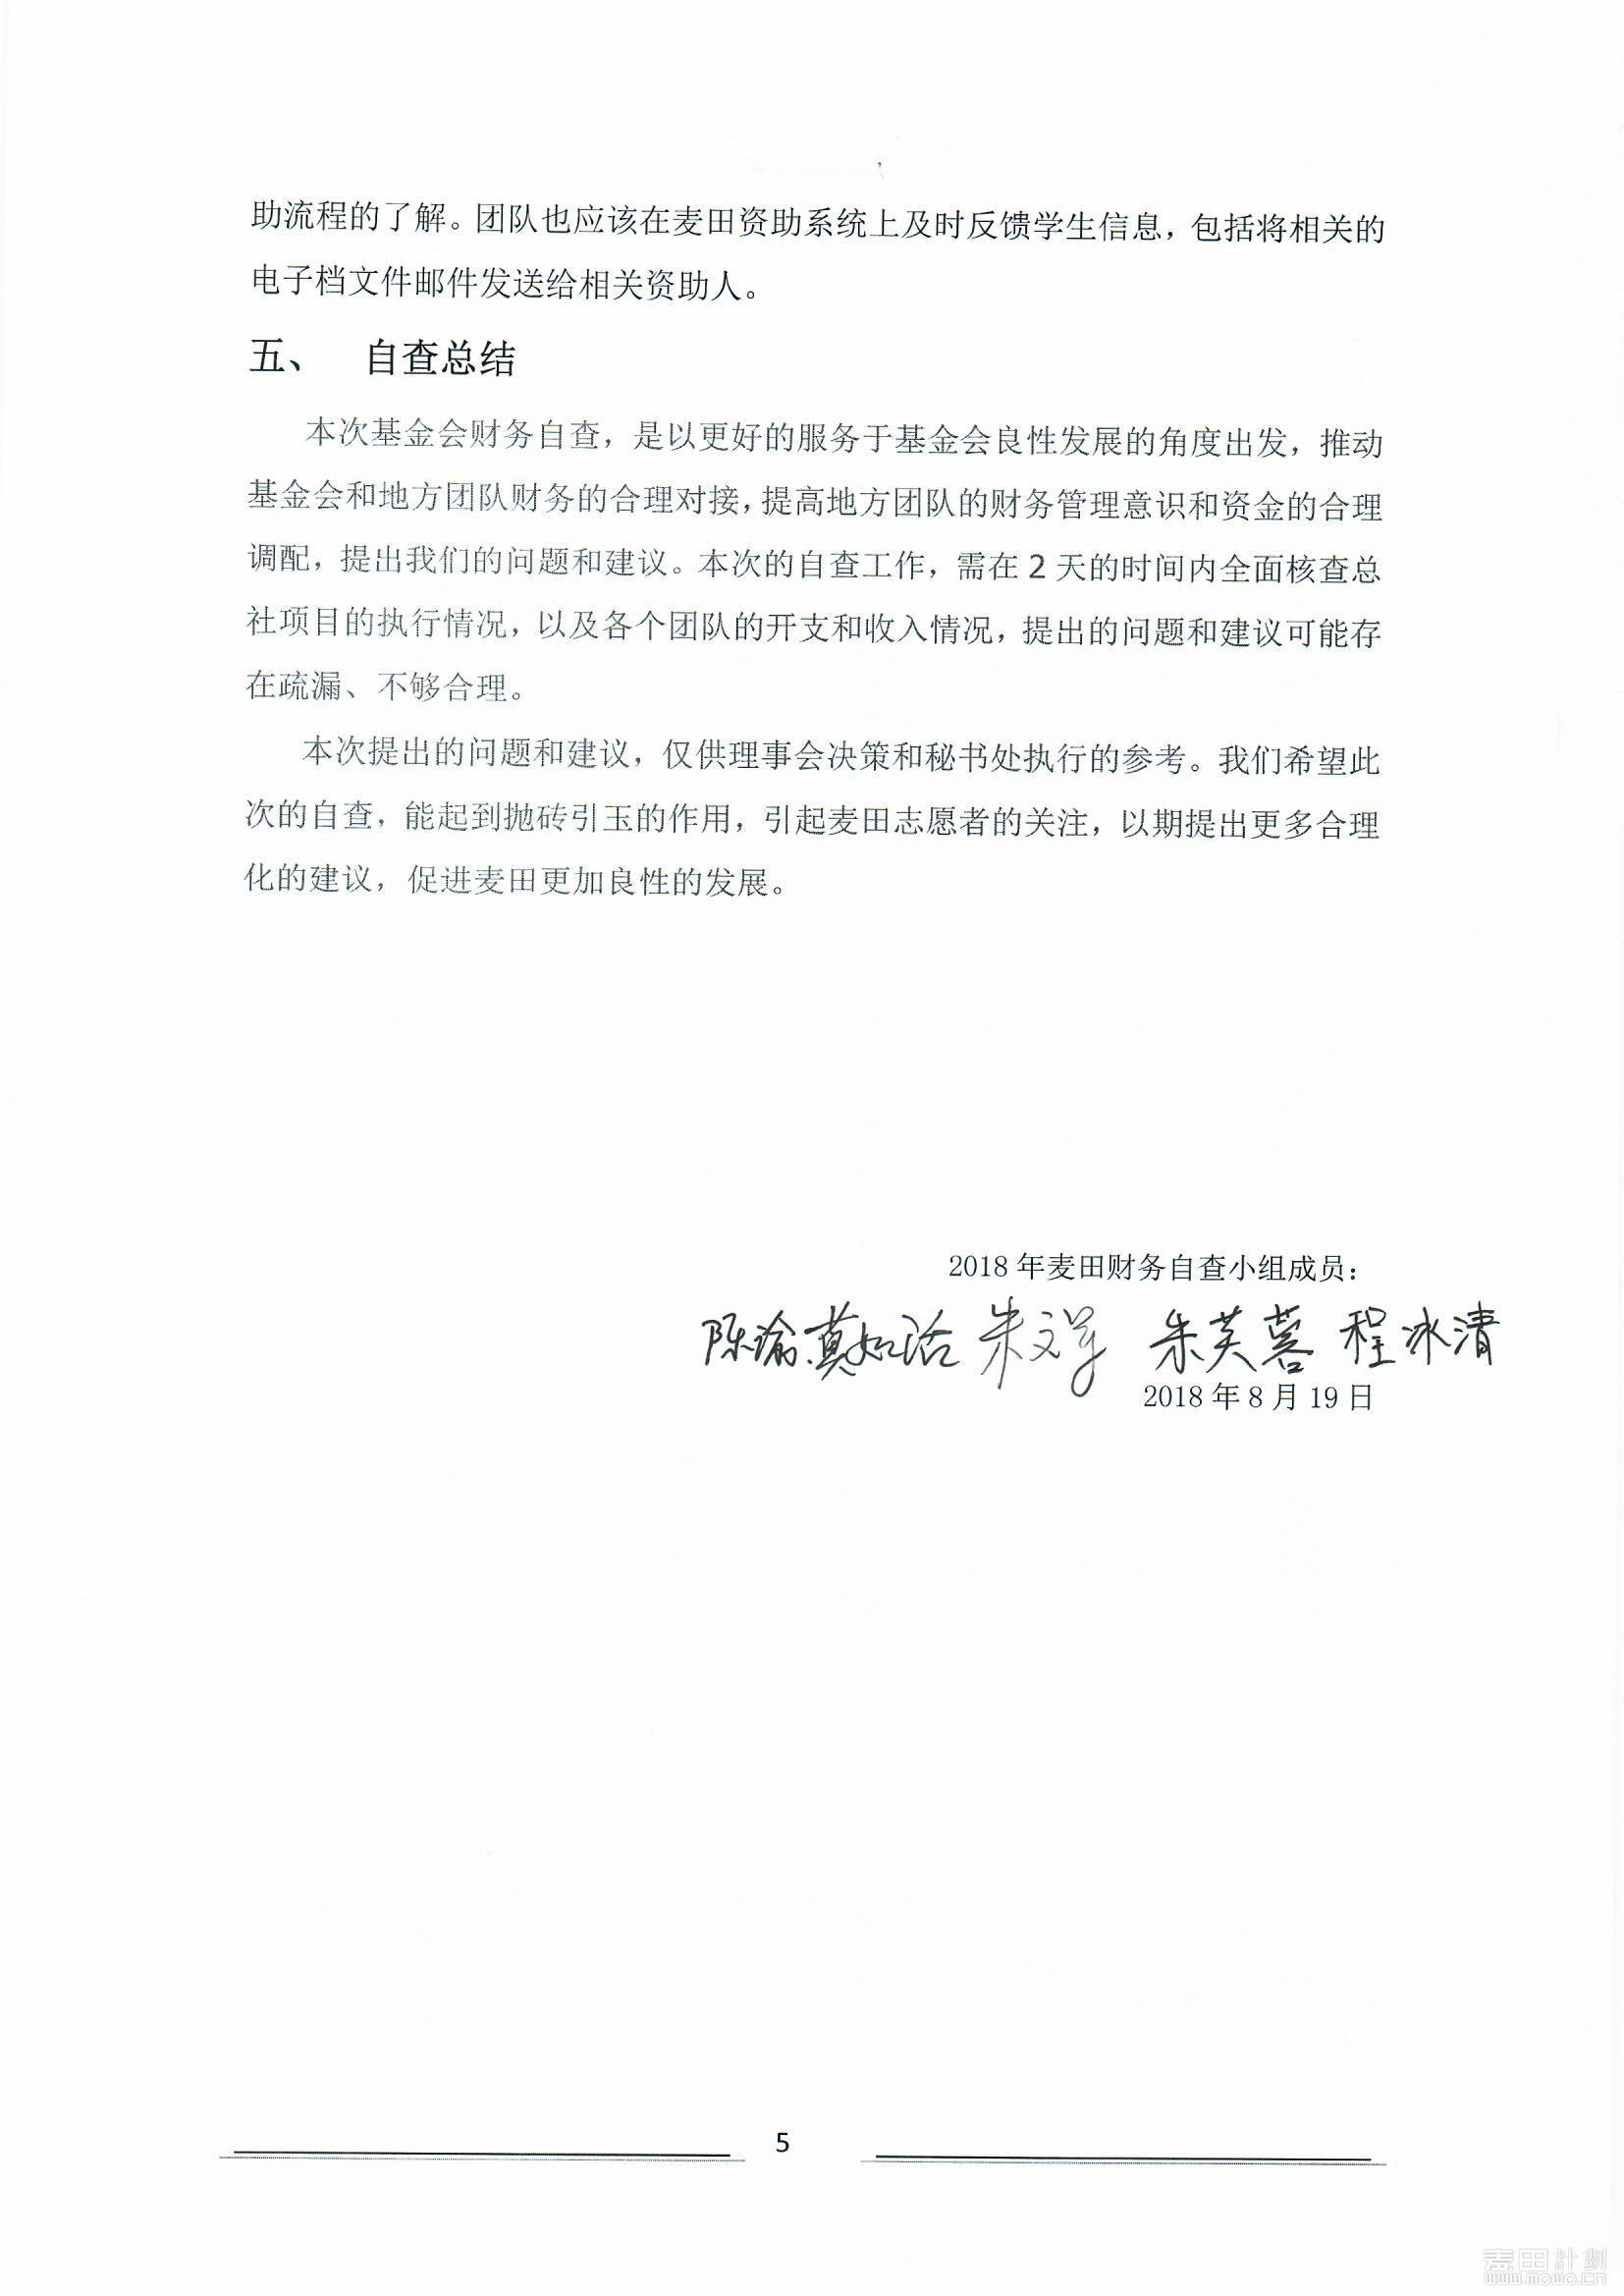 2018年麦田财务自查报告_页面_5.jpg